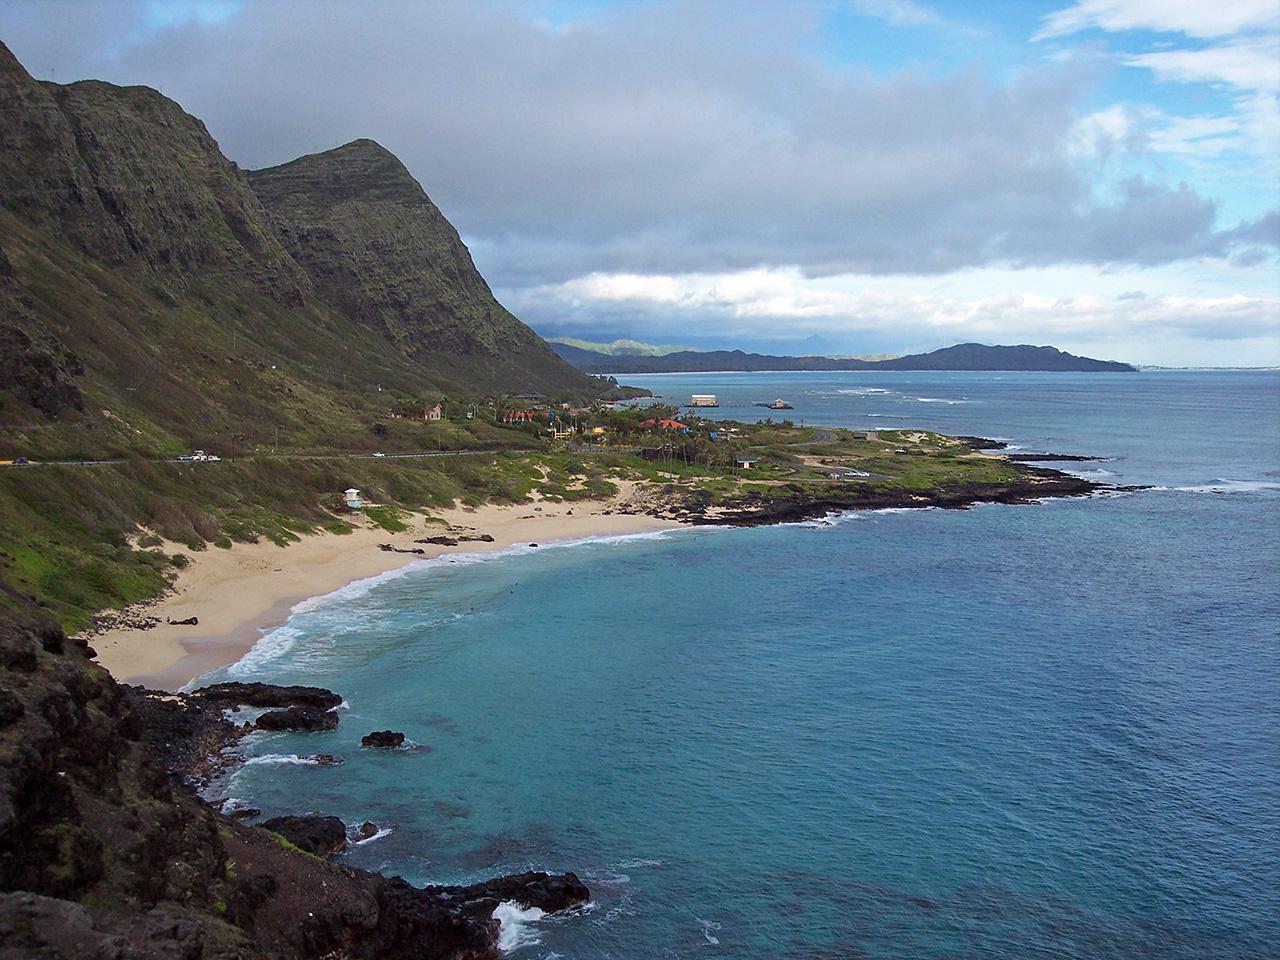 Contea Di Honolulu Hawaii waimanalo - wikipedia